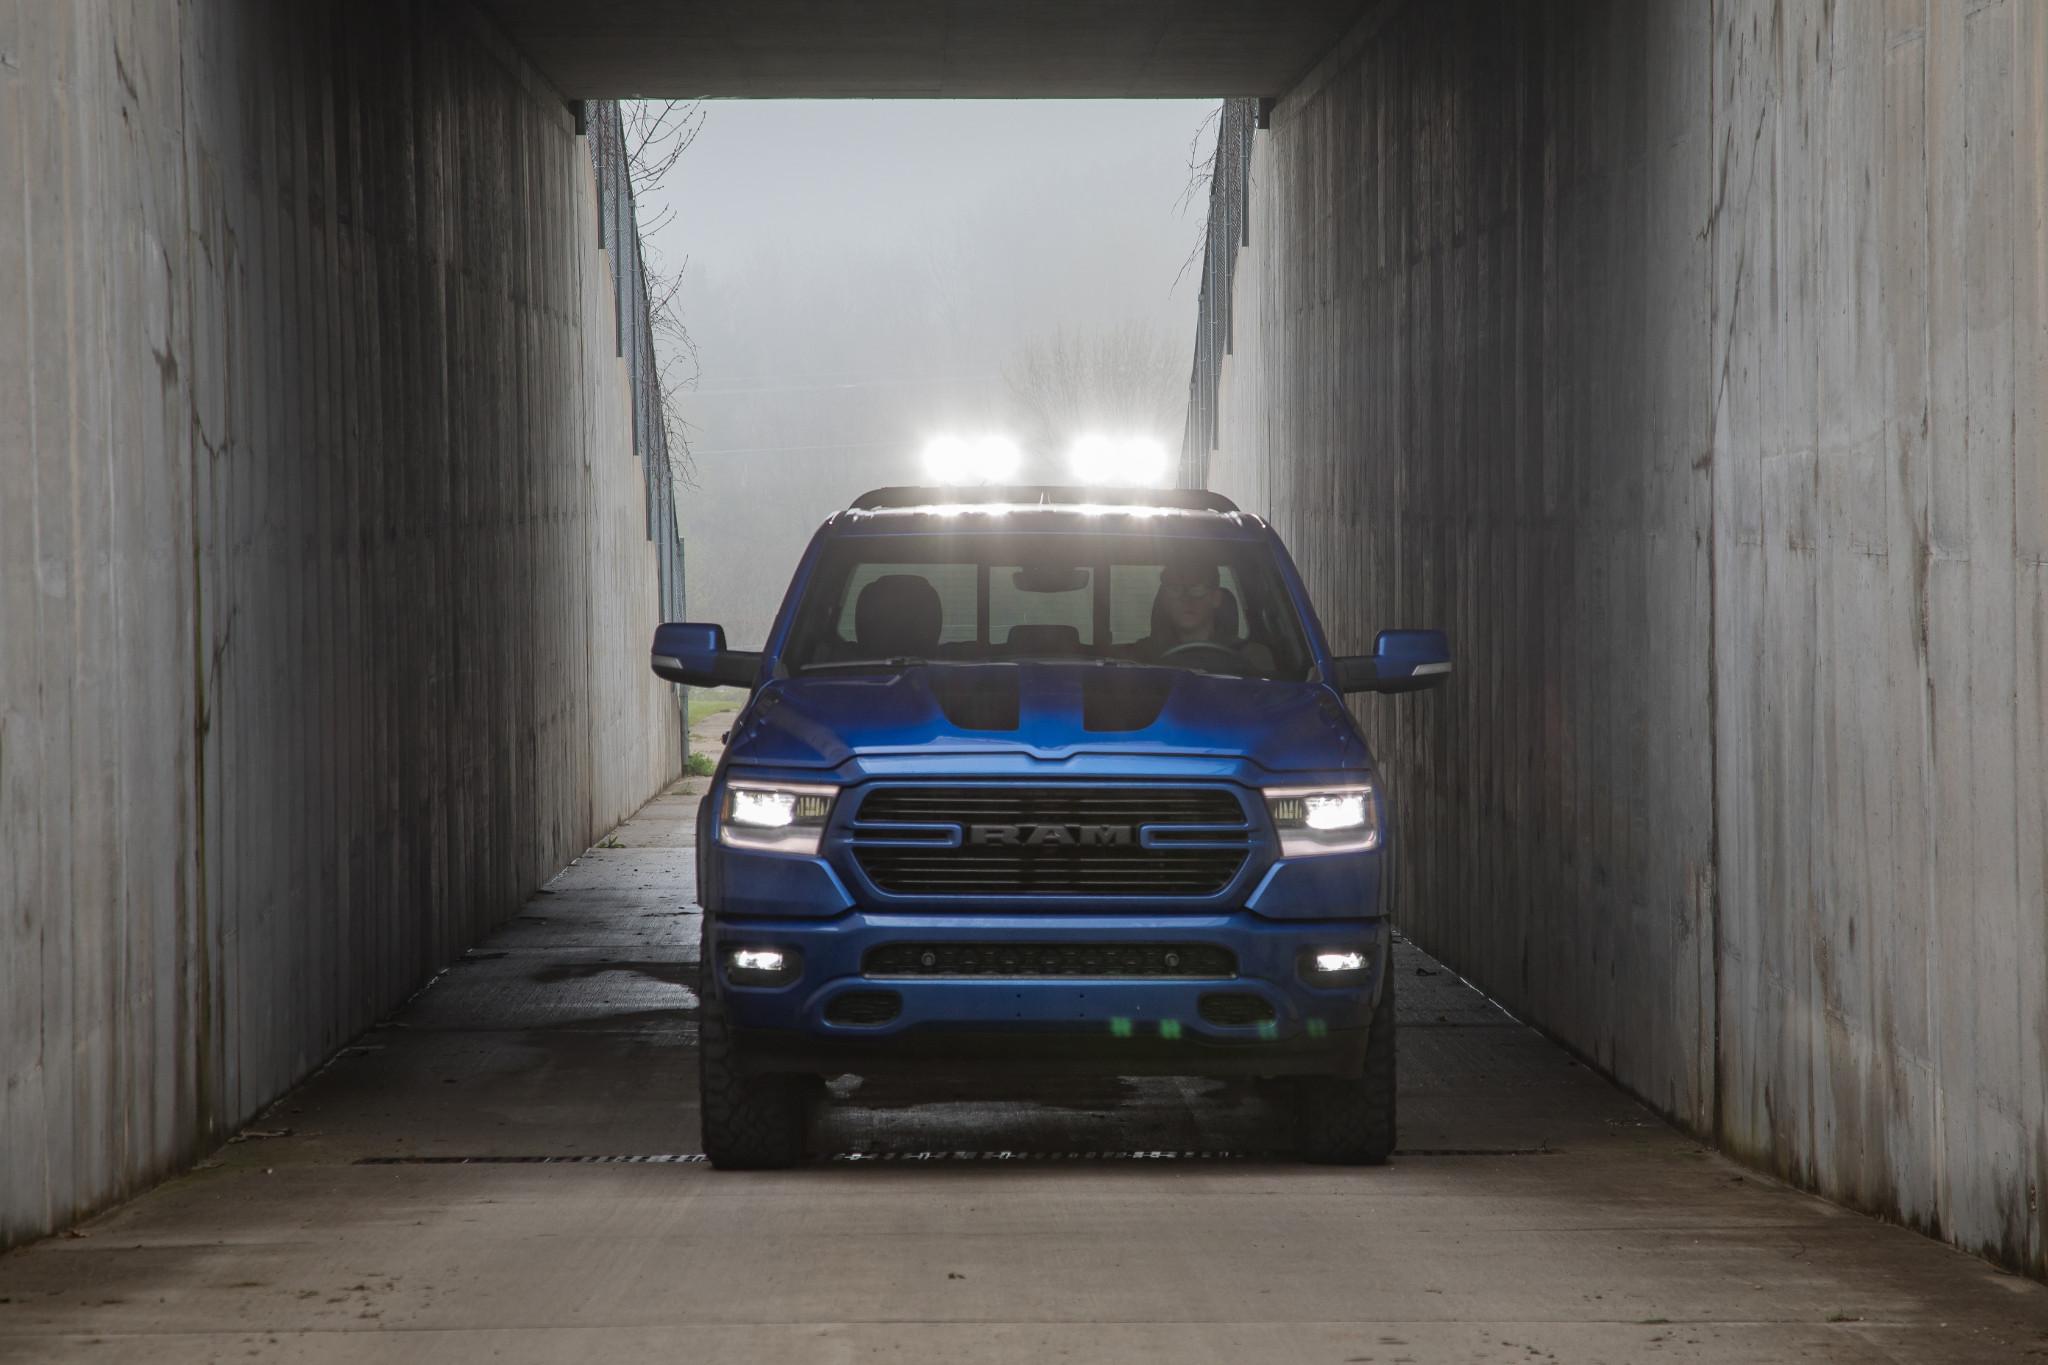 ram-1500-big-horn-mopar-2019-03-blue--exterior--front--textures-and-patterns.jpg